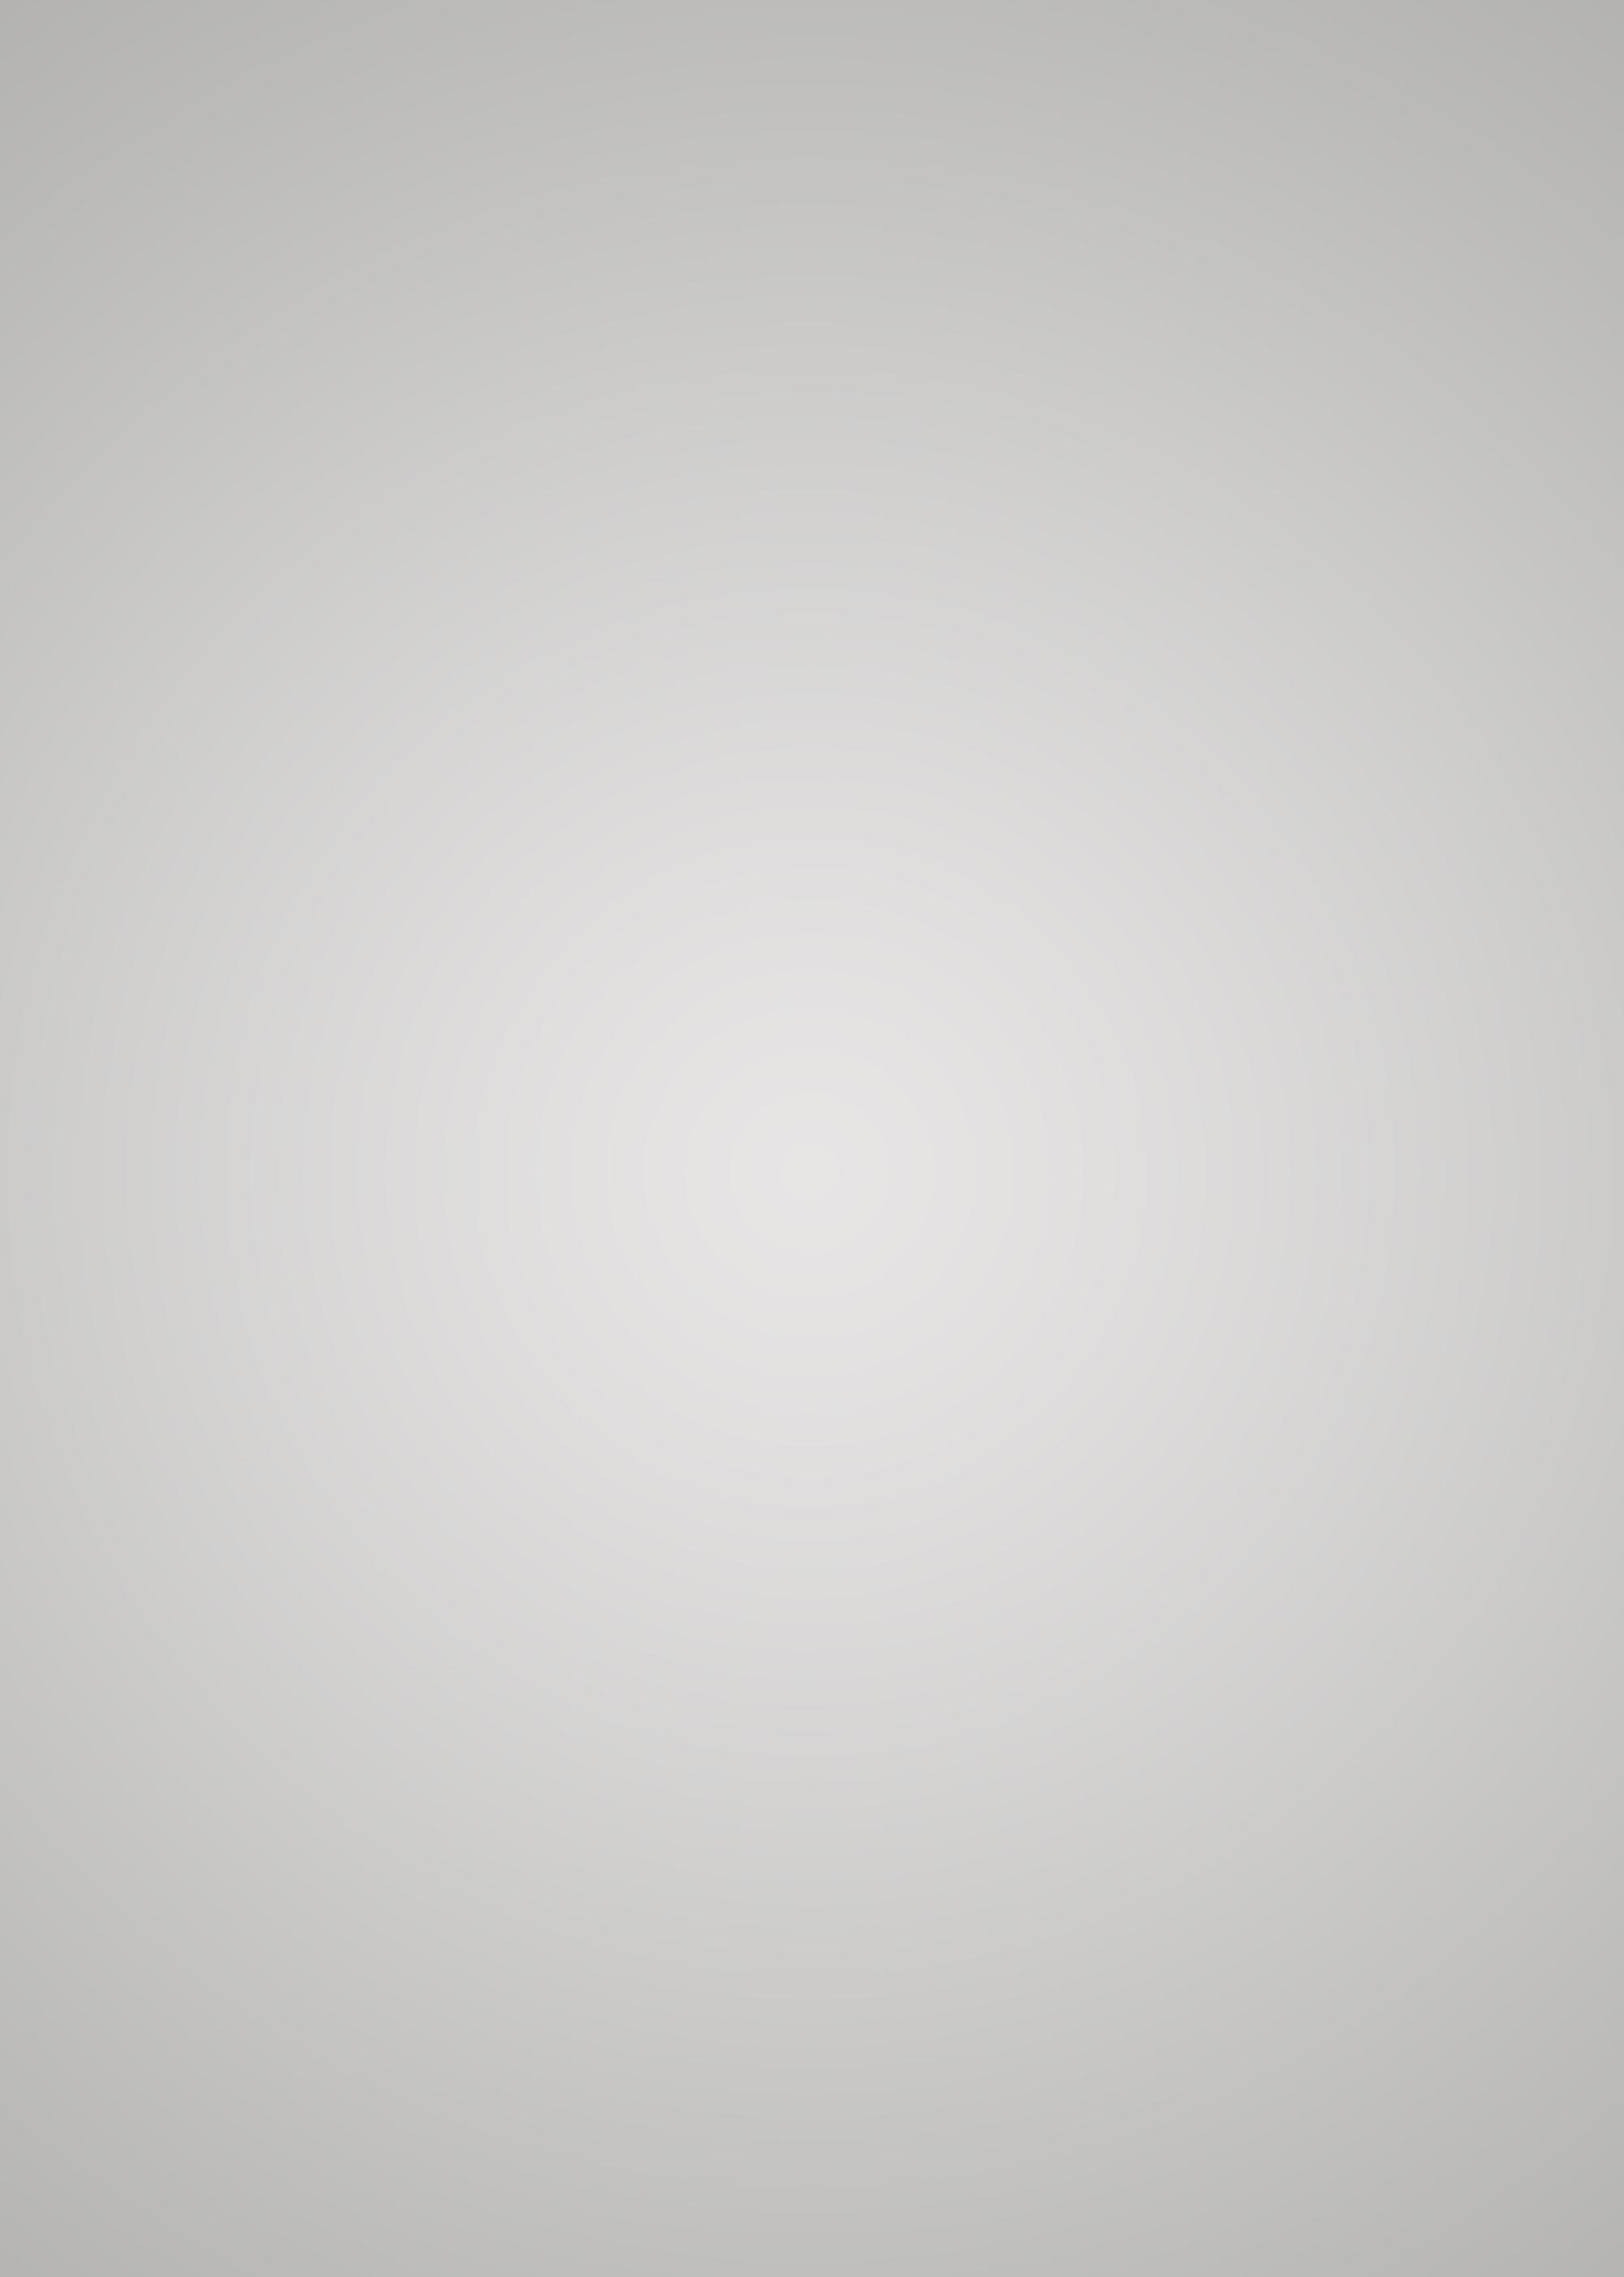 nuances de gris de fond de commerce gris gradient commerce image de fond pour le t u00e9l u00e9chargement